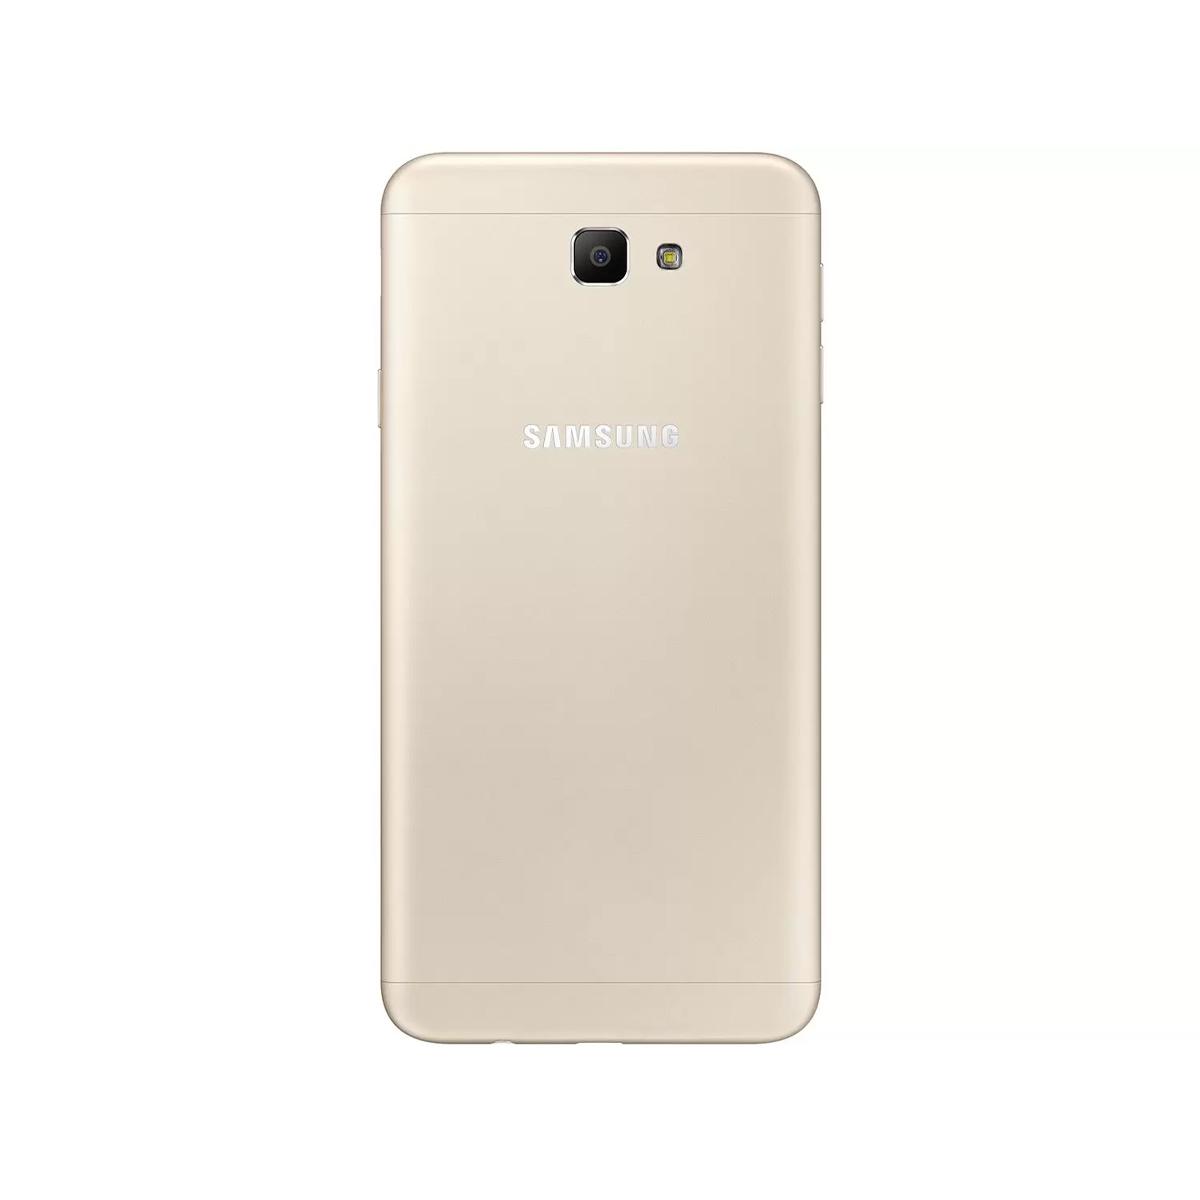 Samsung J7 Prime 2 TV G611 32gb Tela 5.5 3gb - Mostruário